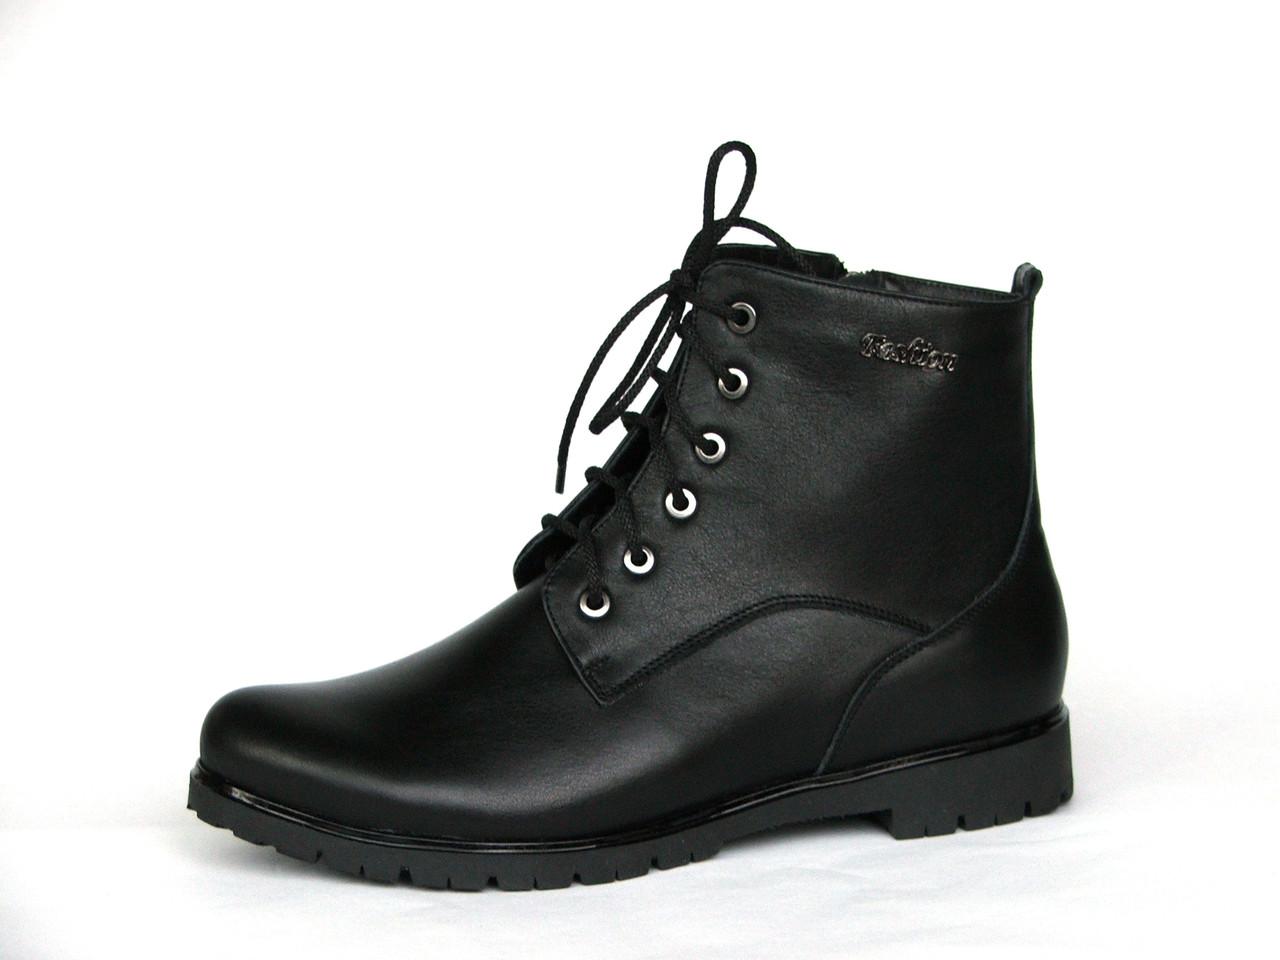 Женские зимние кожаные ботинки со шнуровкой